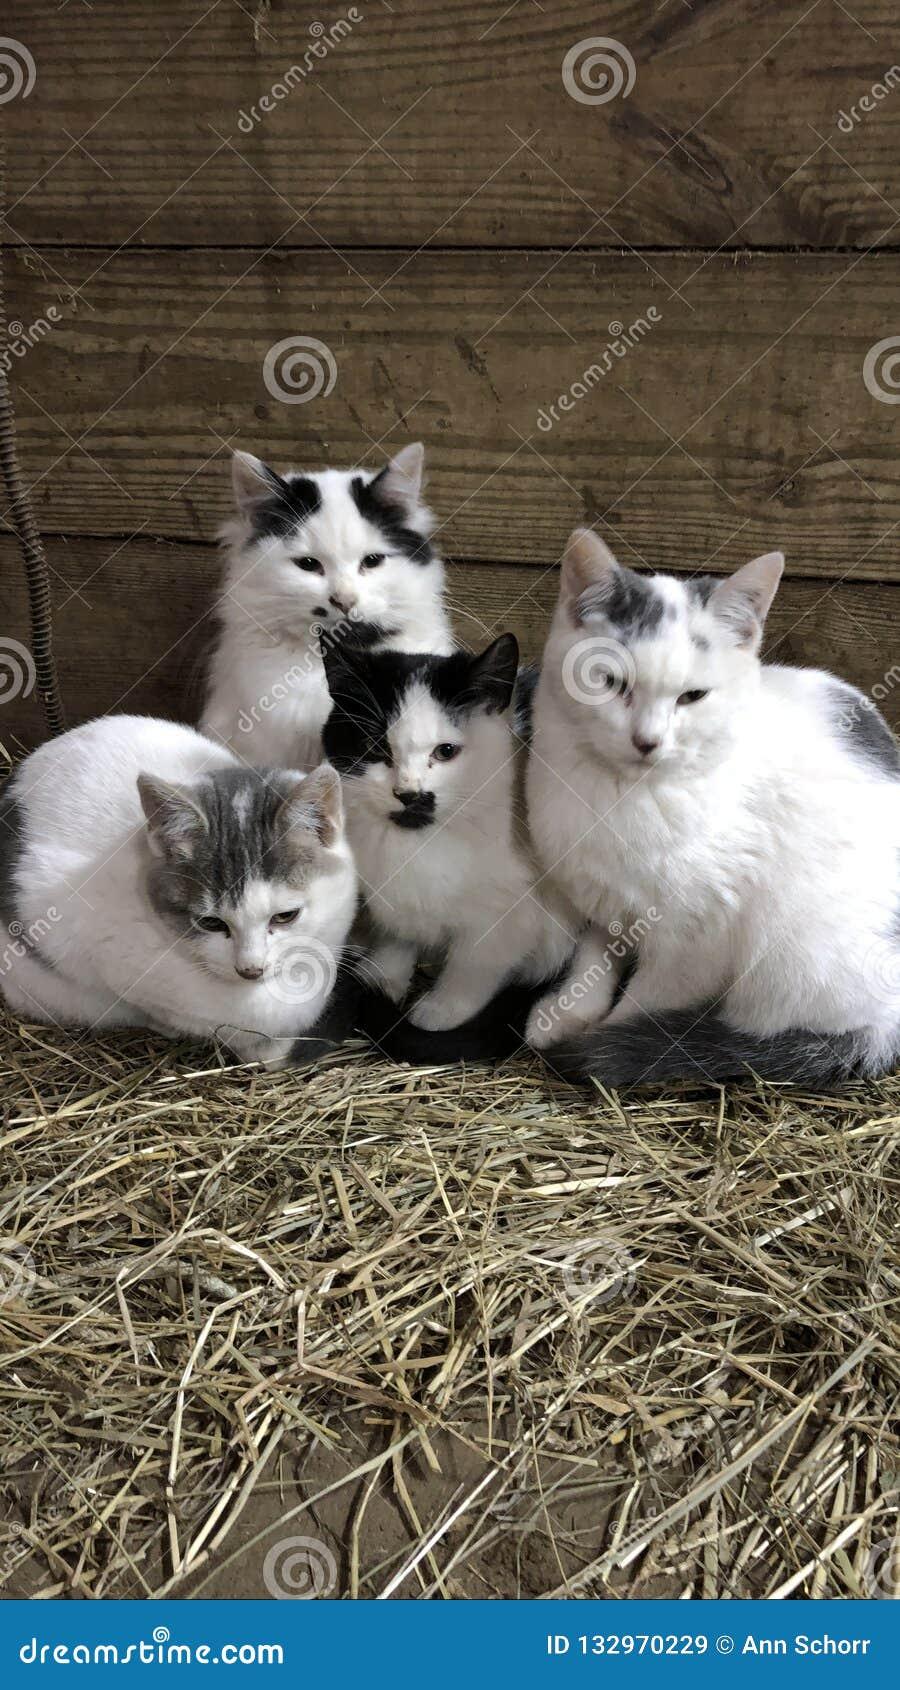 τέσσερα γατάκια